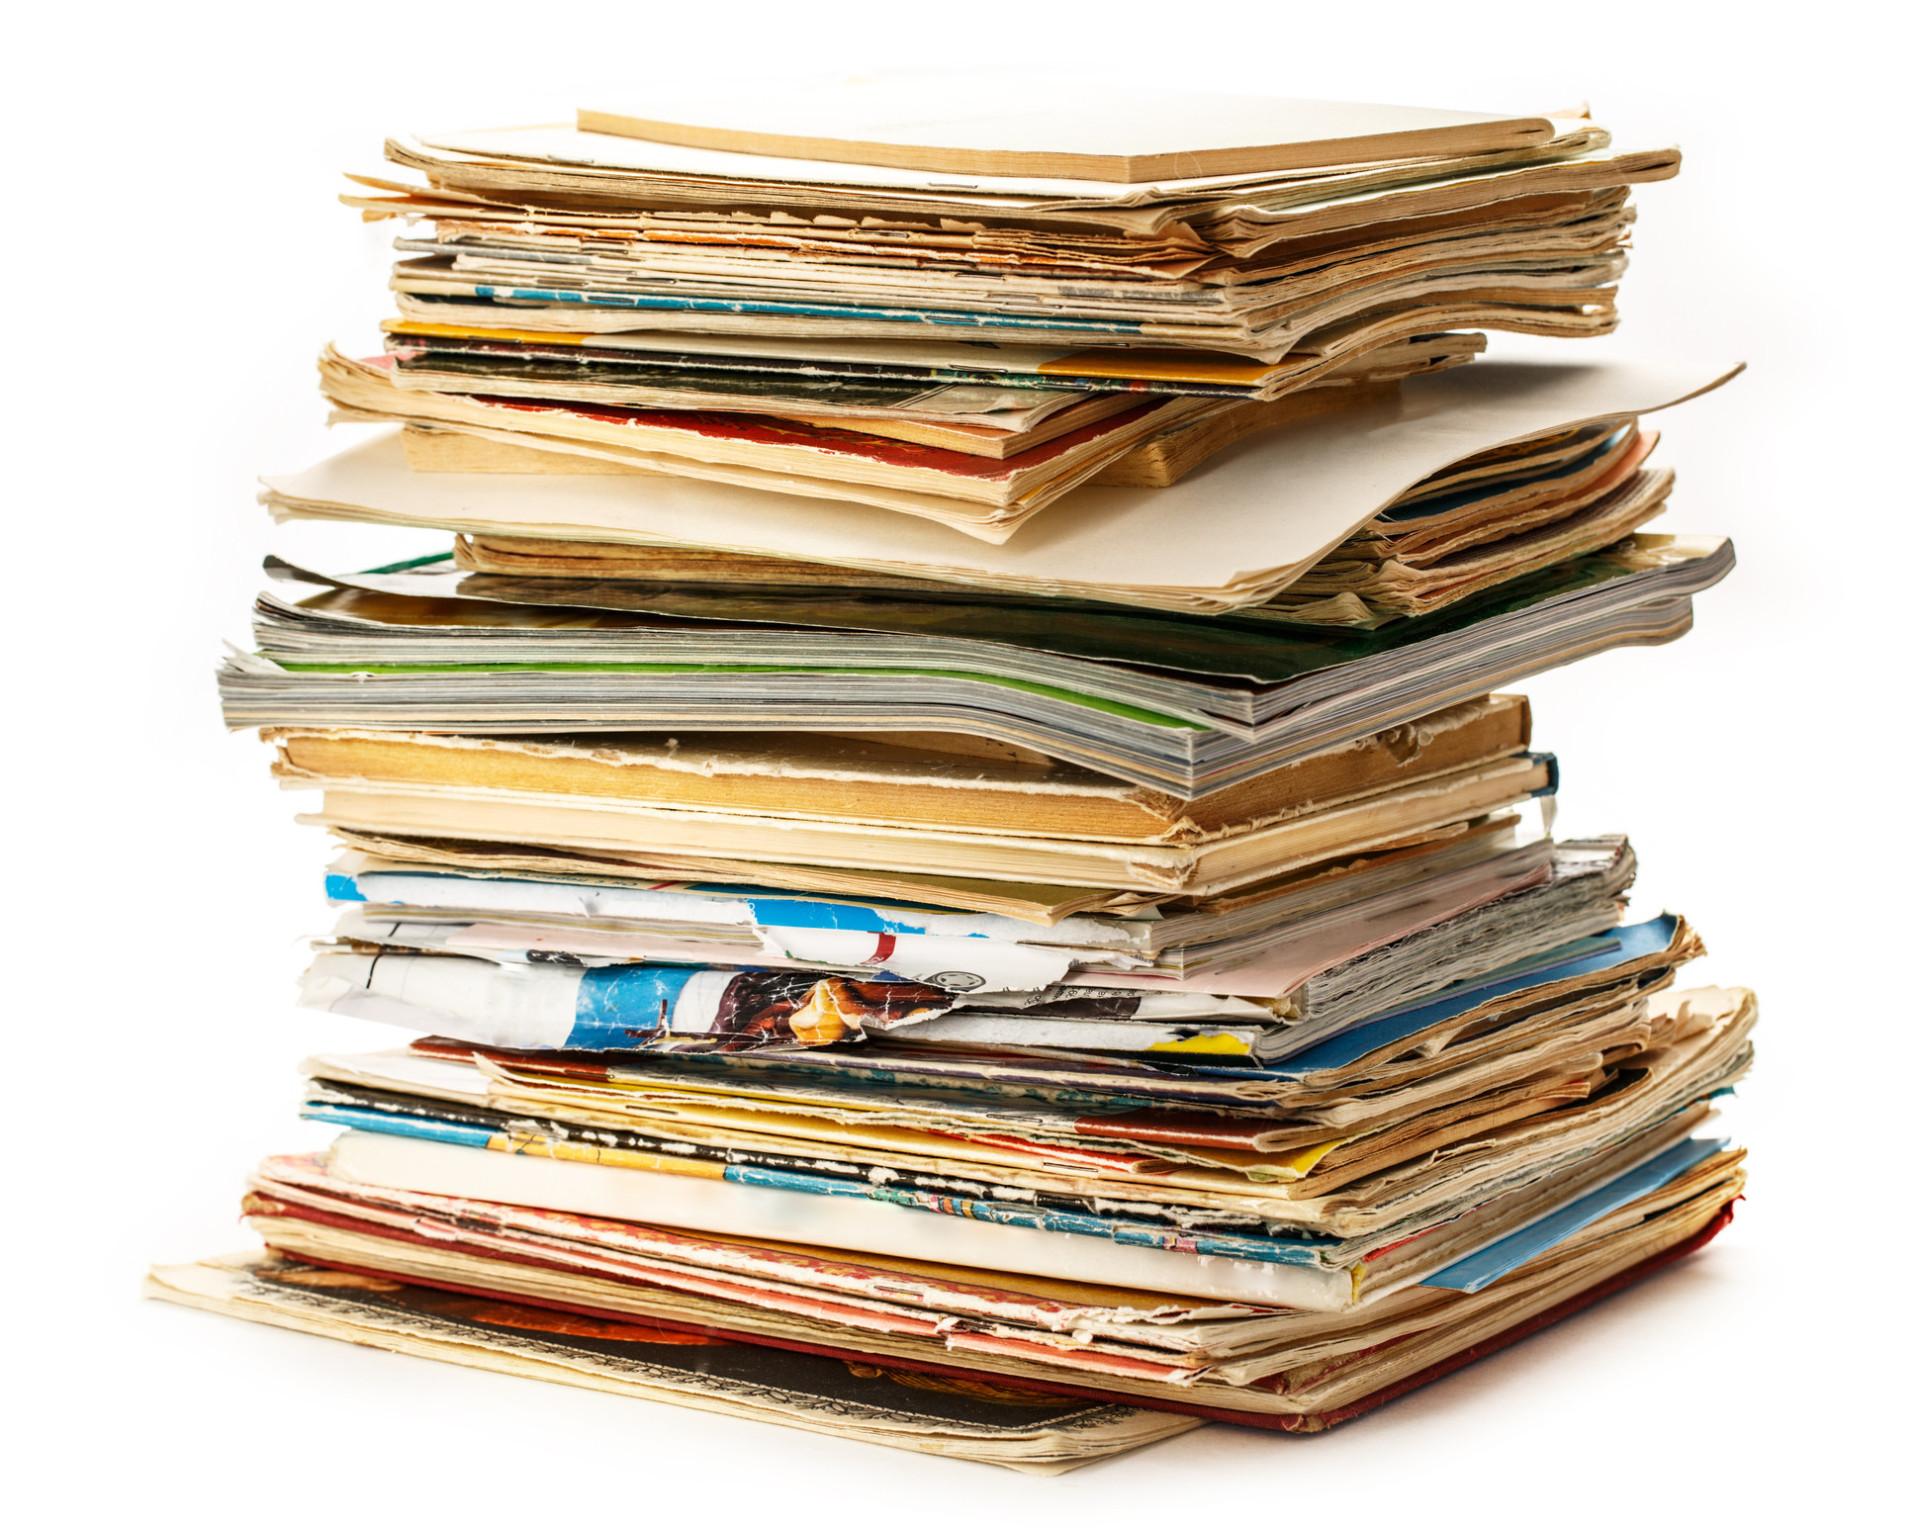 Aprenda a reduzir o consumo de plástico e de papel. O planeta agradece